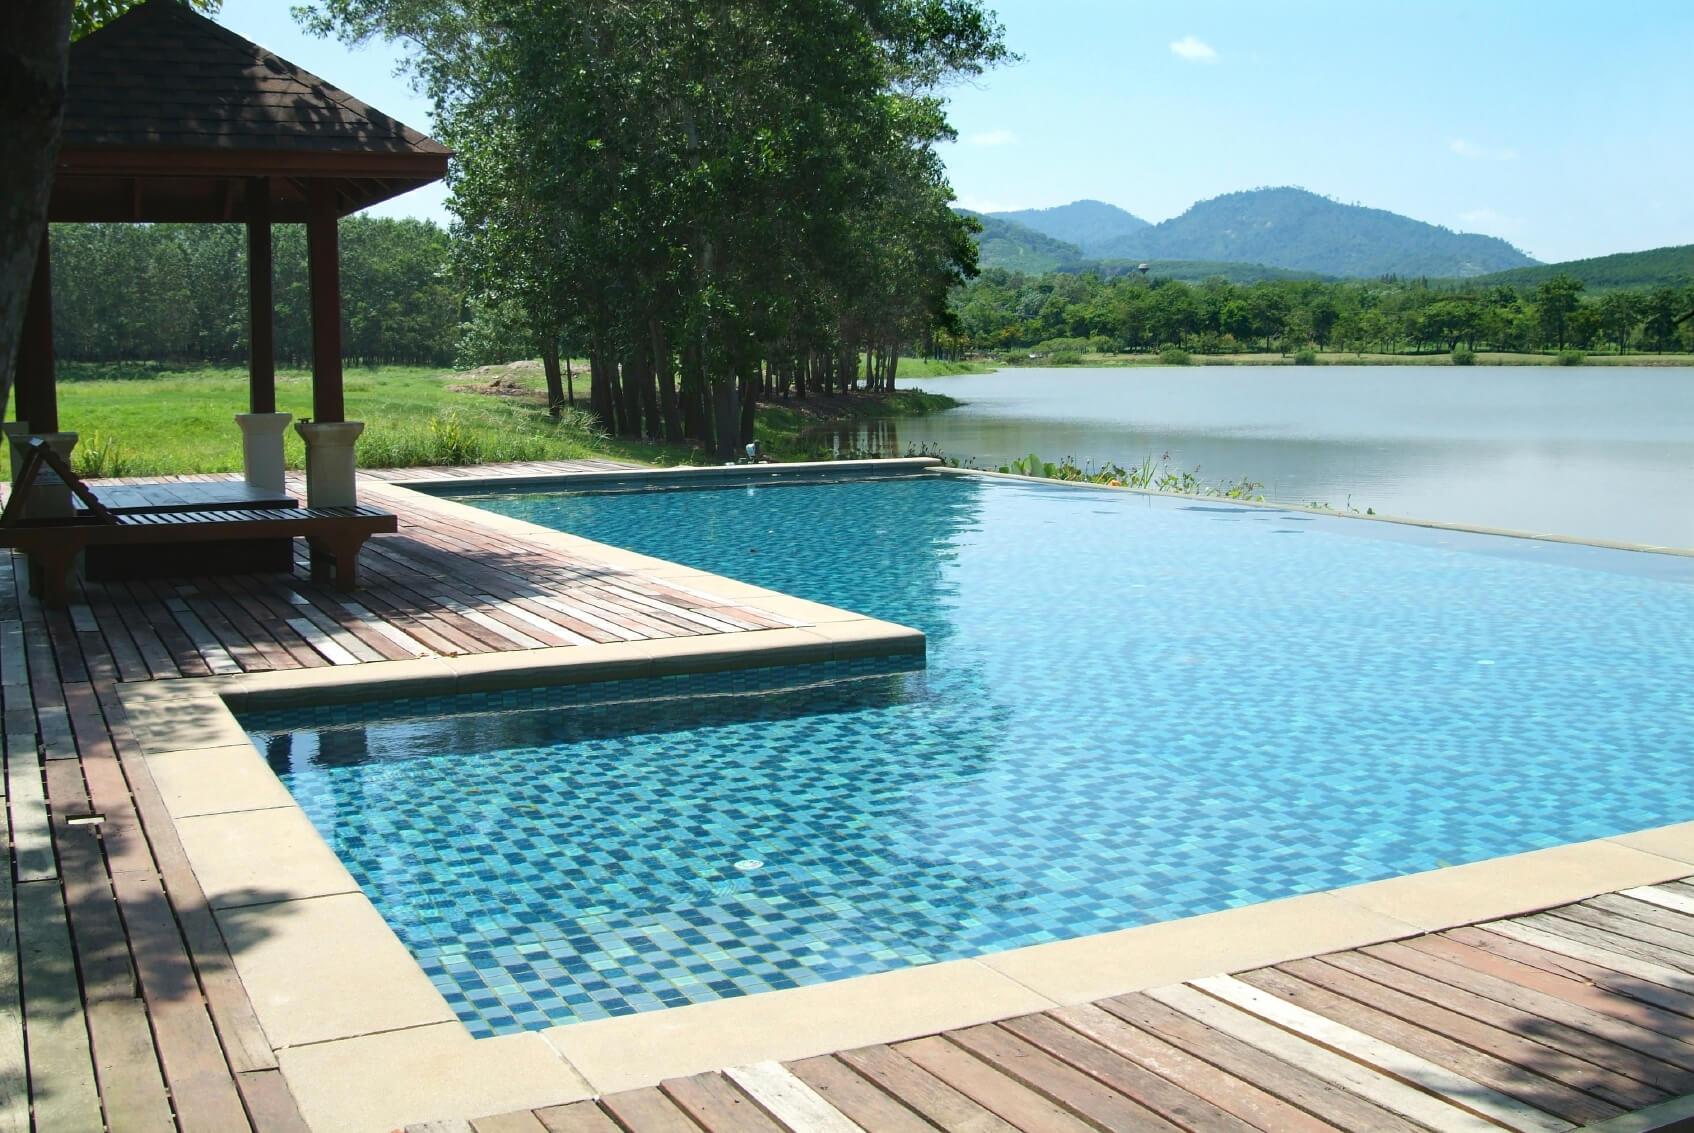 Swimming pool in beautiful scenery